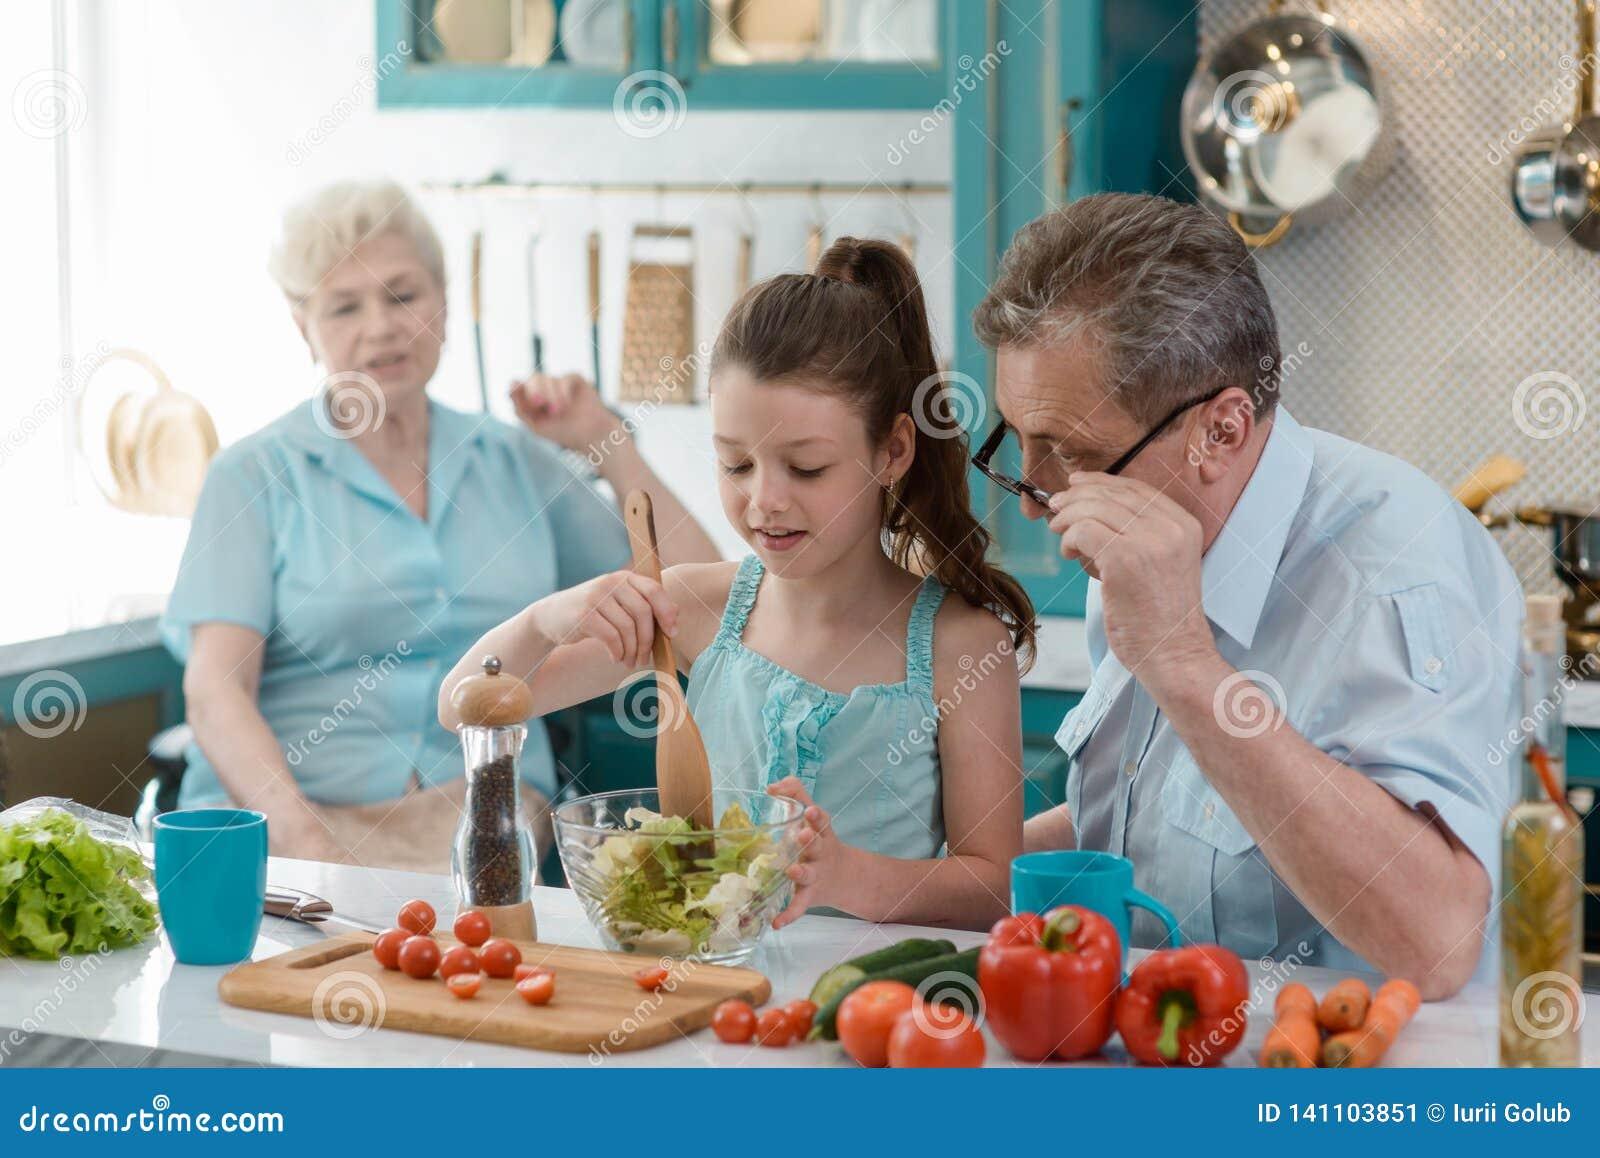 Nieta de enseñanza del abuelo a cocinar